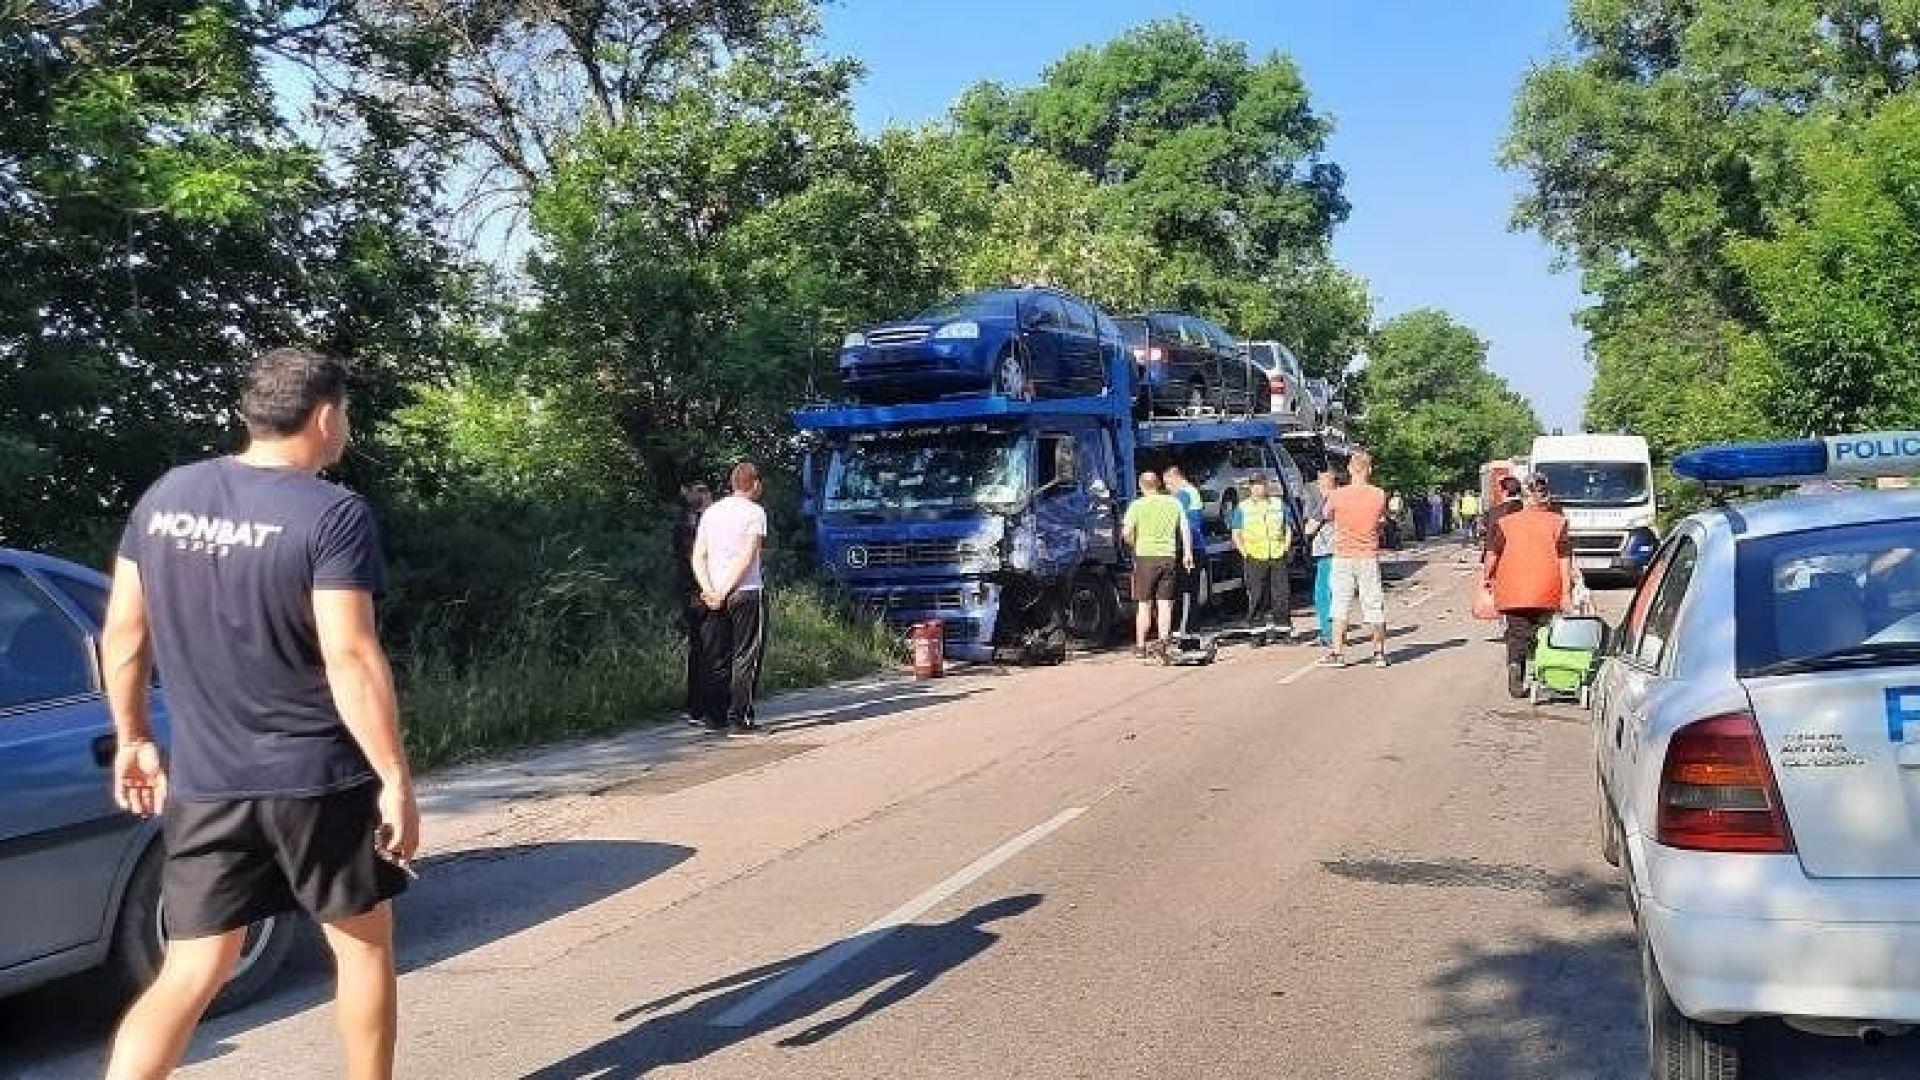 Шофьор загина, след като се блъсна във влекач край Видин